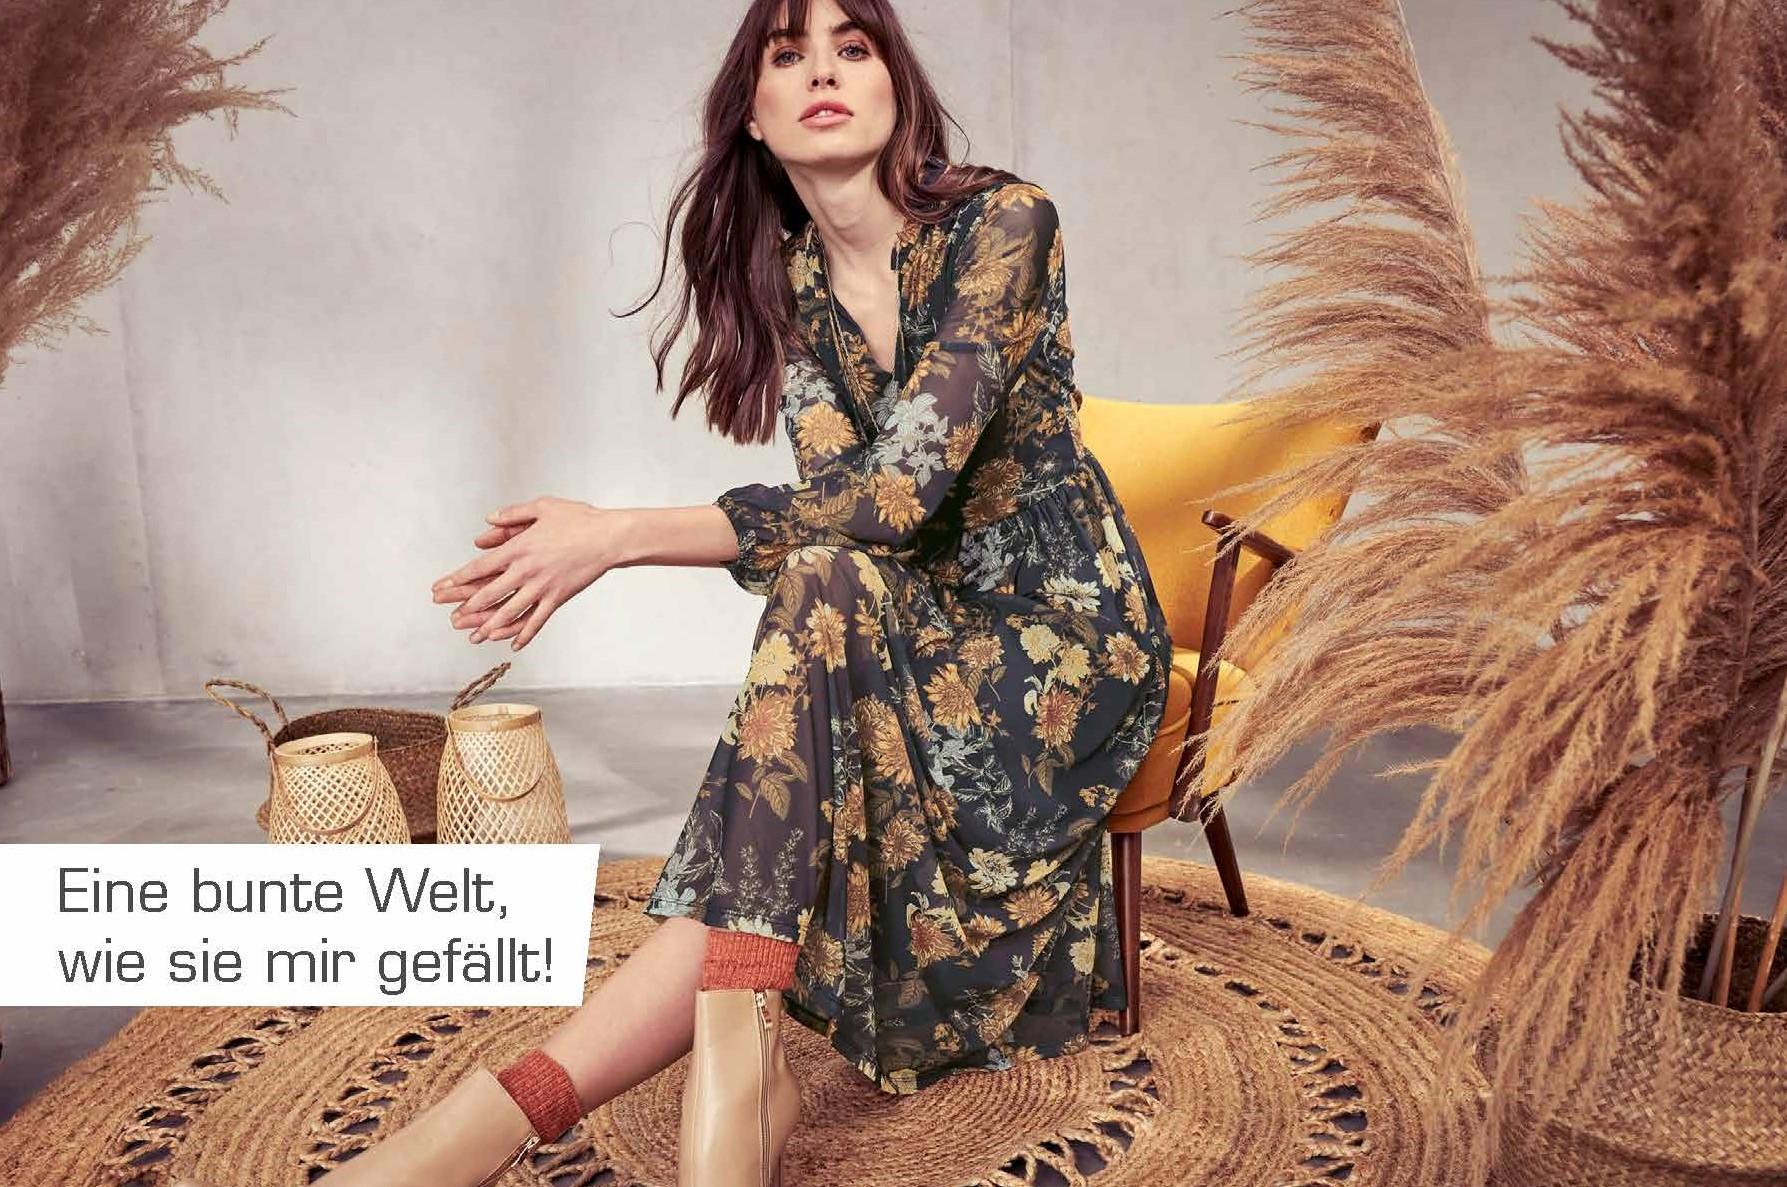 jelmoli - Gutscheincodes für Mode und Beauty